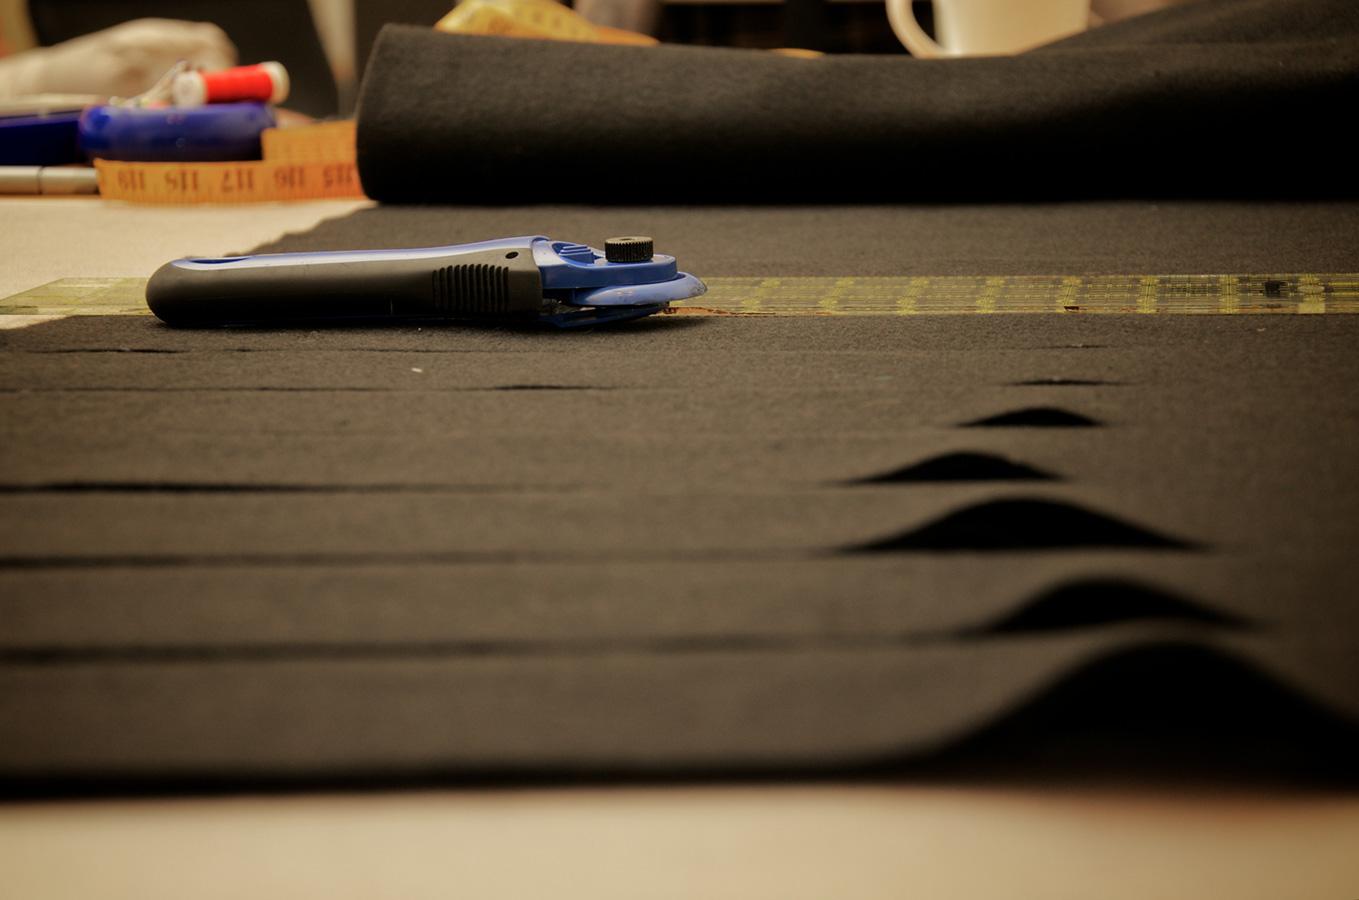 Cutting strips for DIY cloth softbox grid